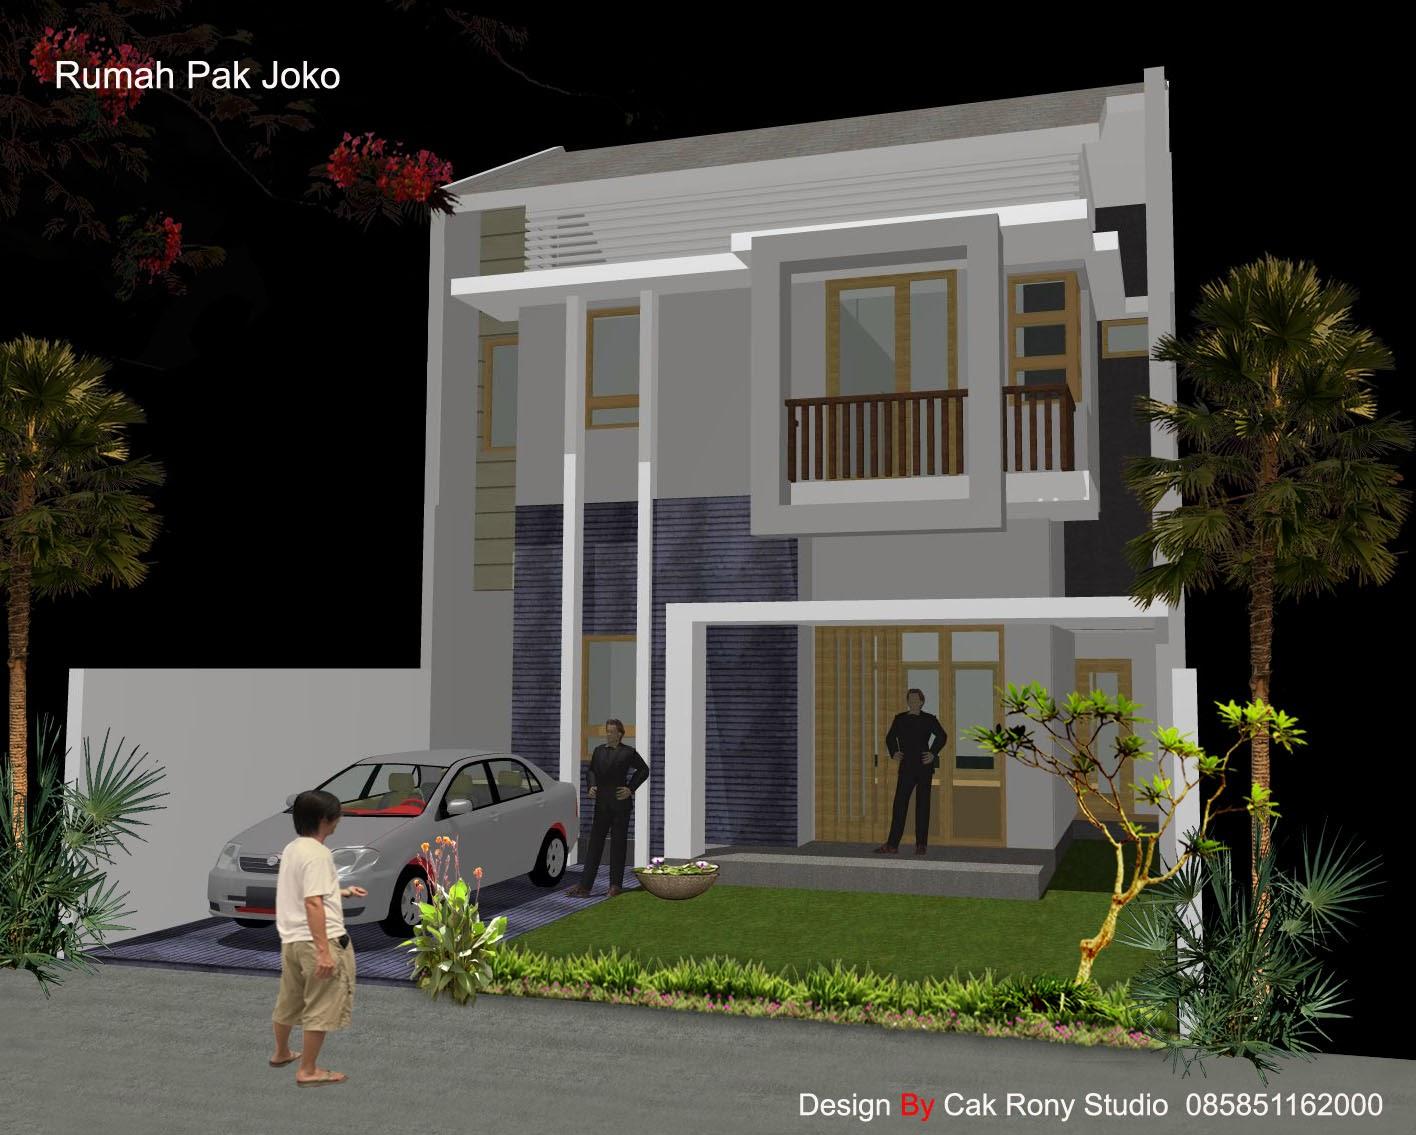 Ragam inspirasi Desain Rumah Mewah 2 Lantai yg elegan